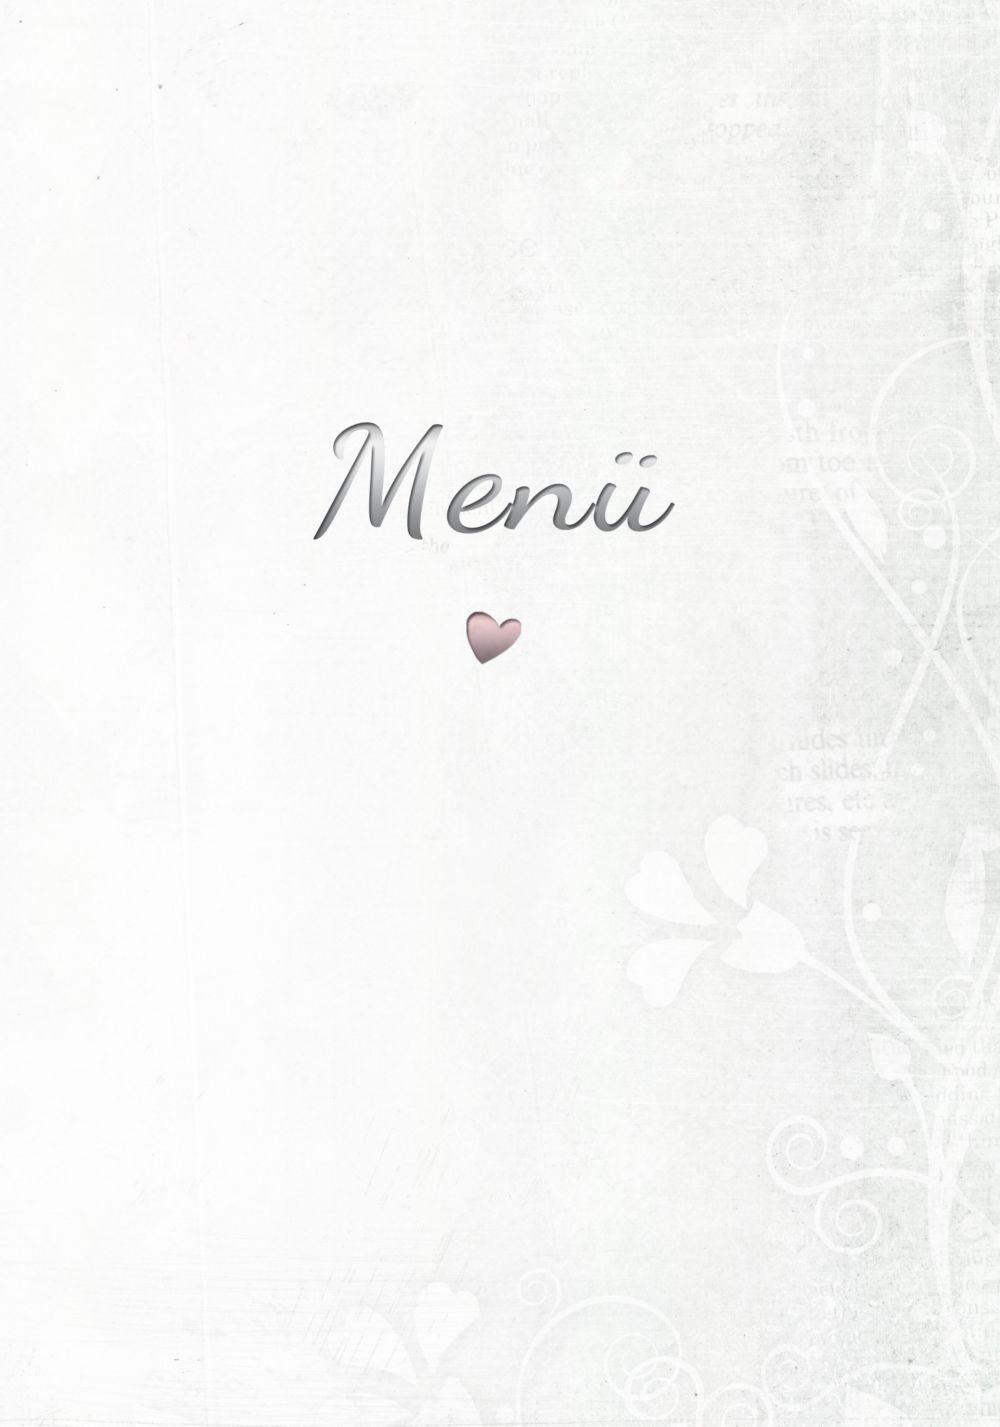 Ansicht 3 - Menükarte Im Zeichen der Liebe - Männer